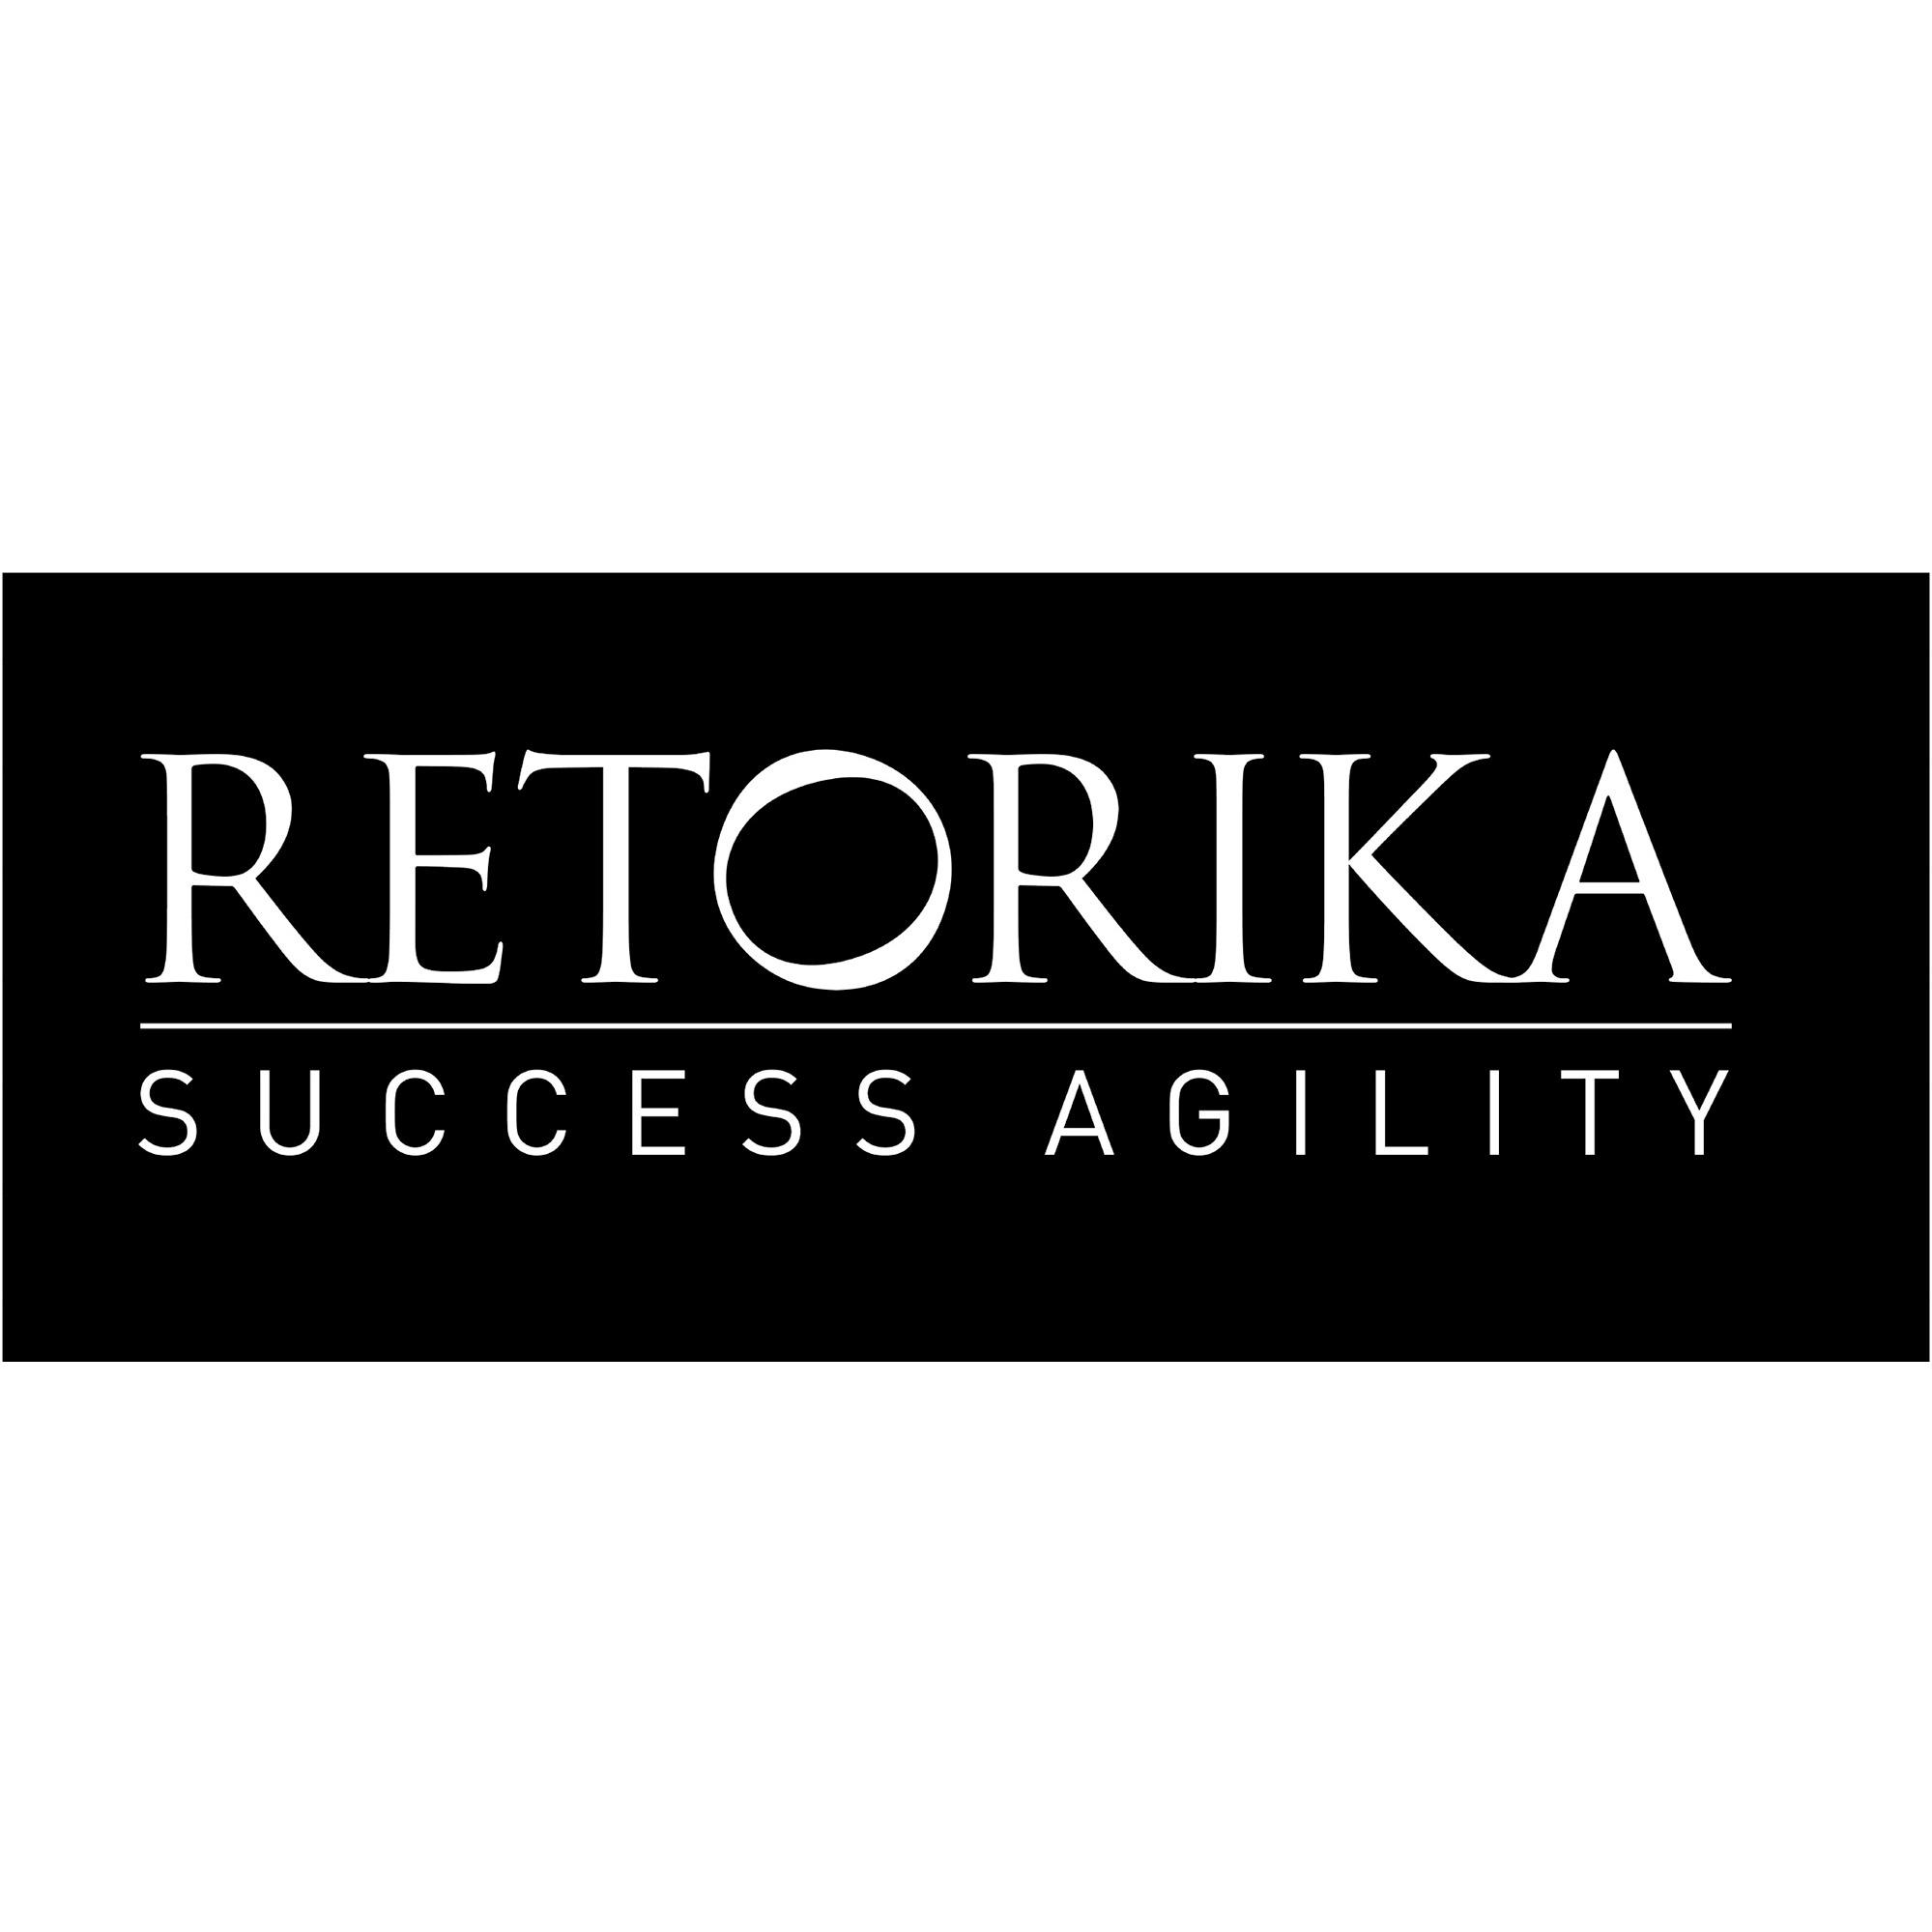 the Retorika logo.